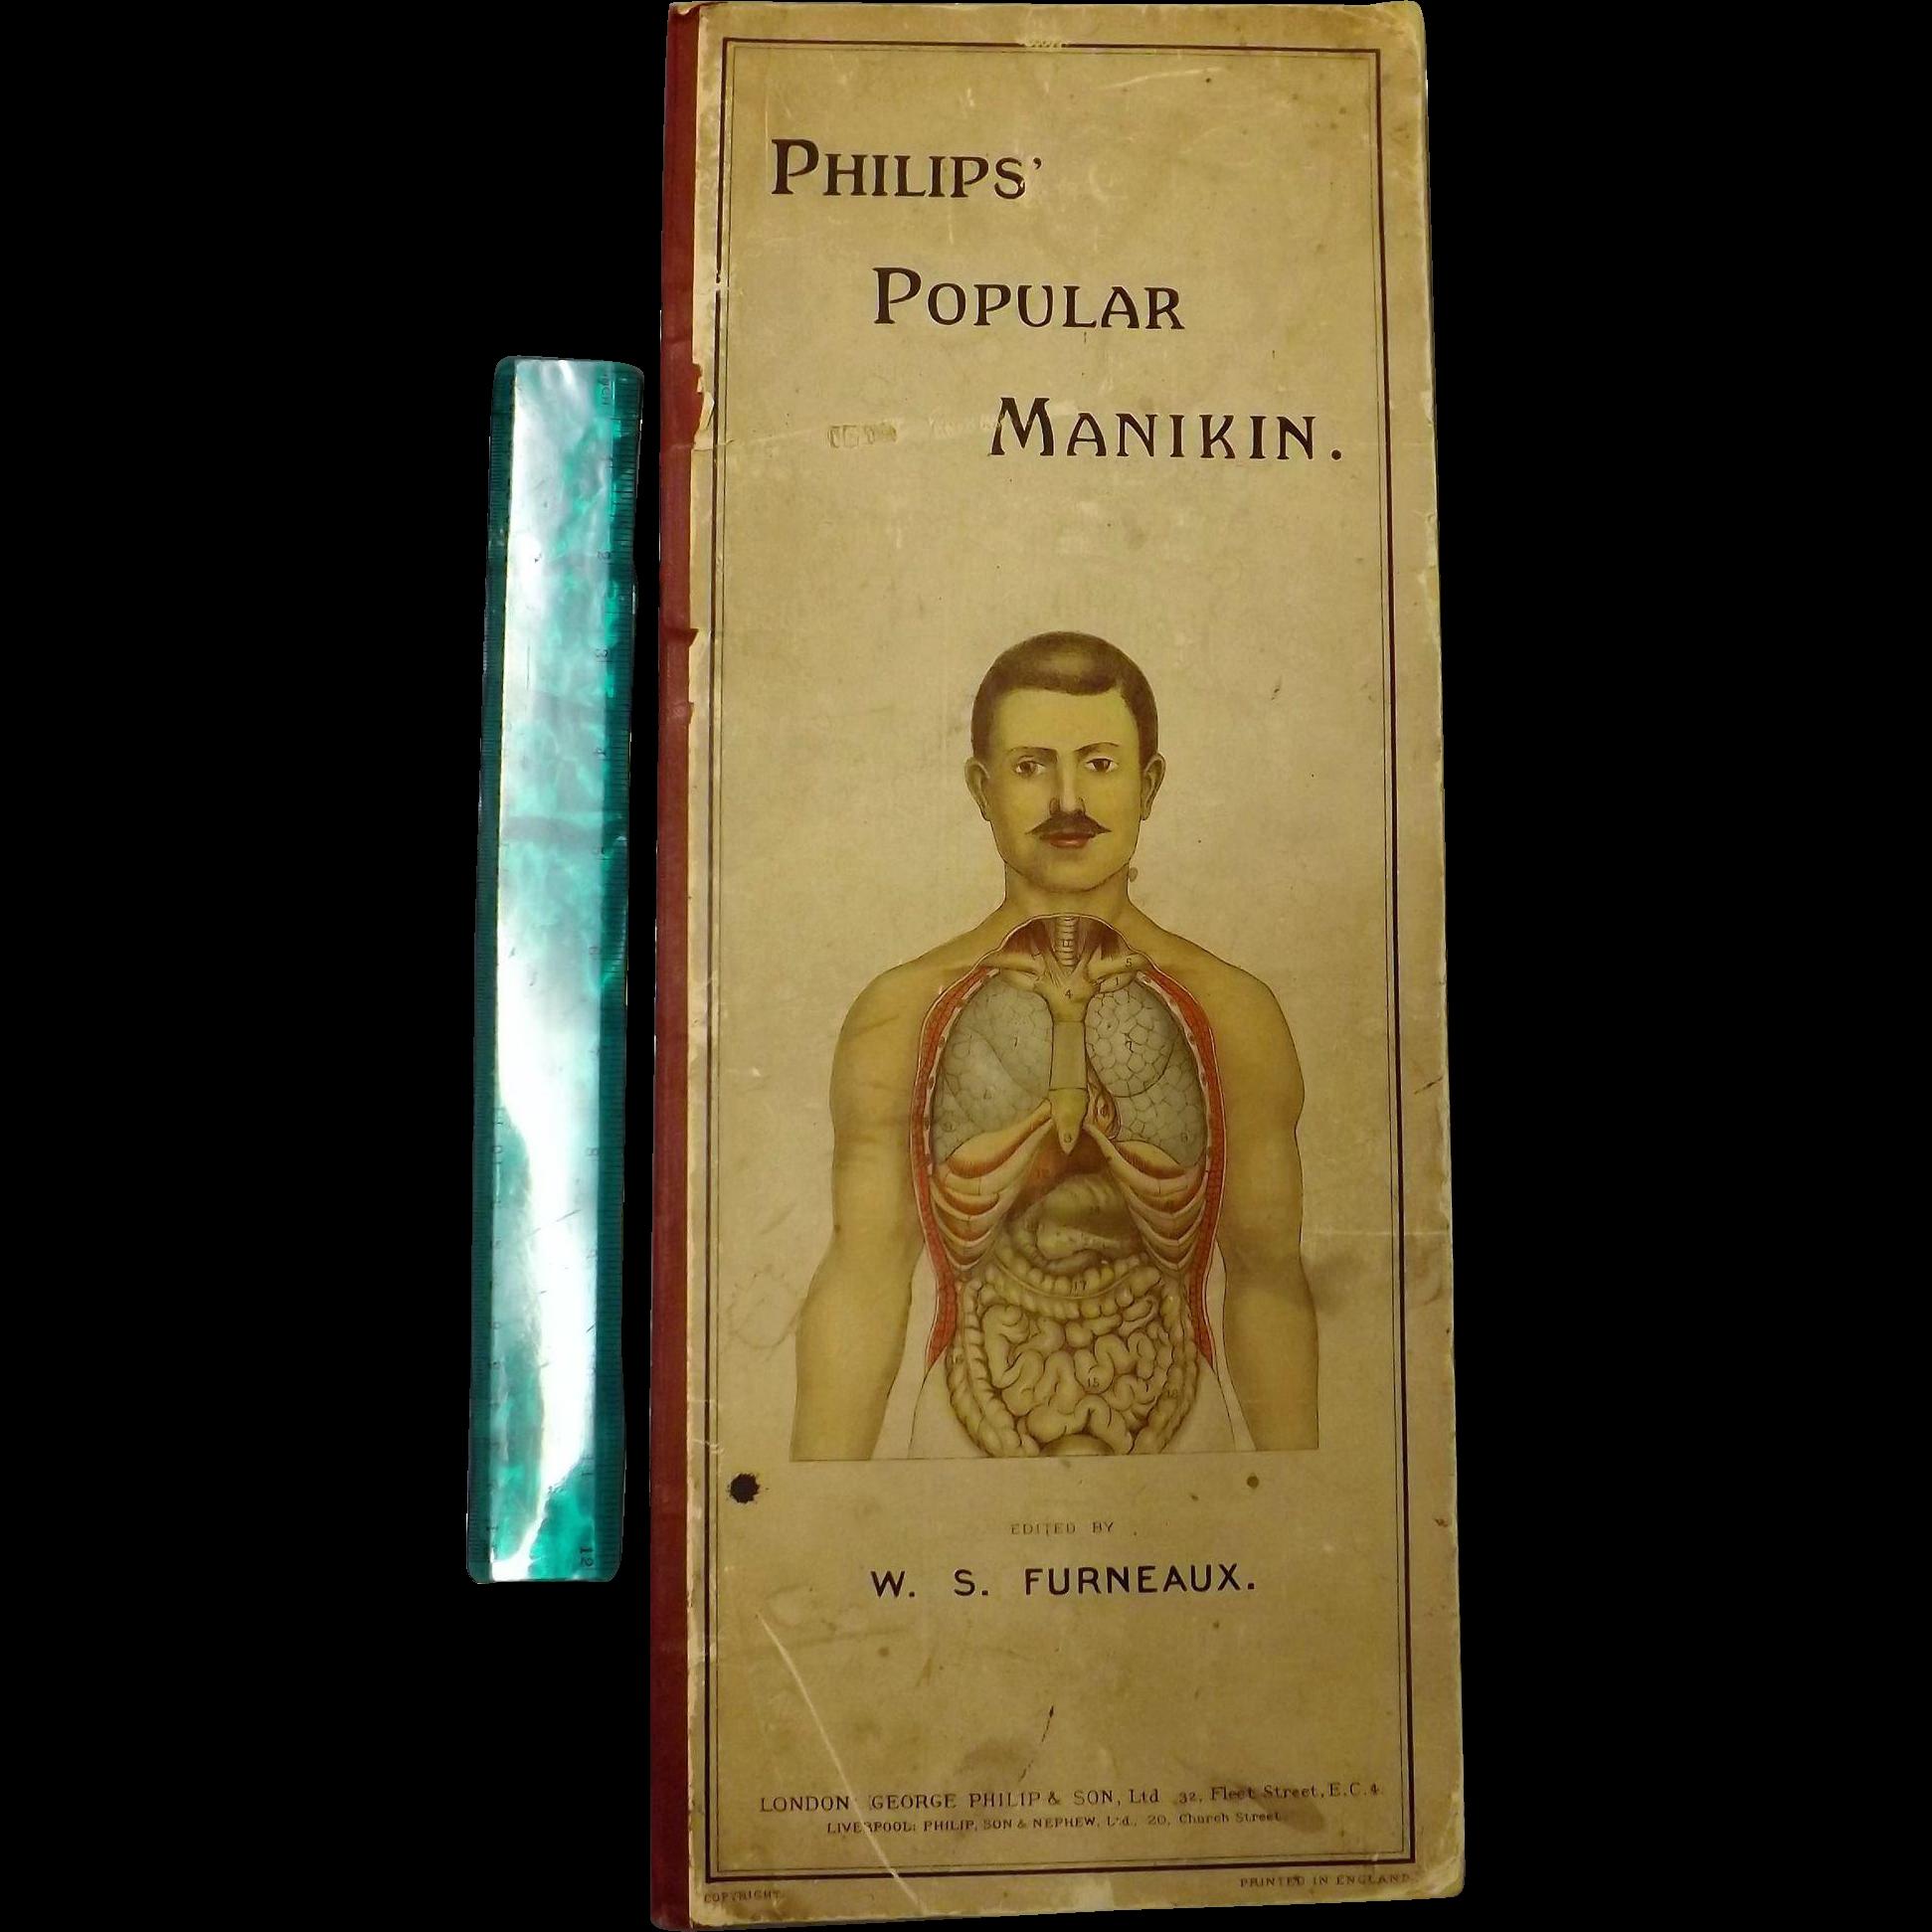 PHILIPS' Popular Manikin - Edited By W.S.Furneaux - Circa 1900